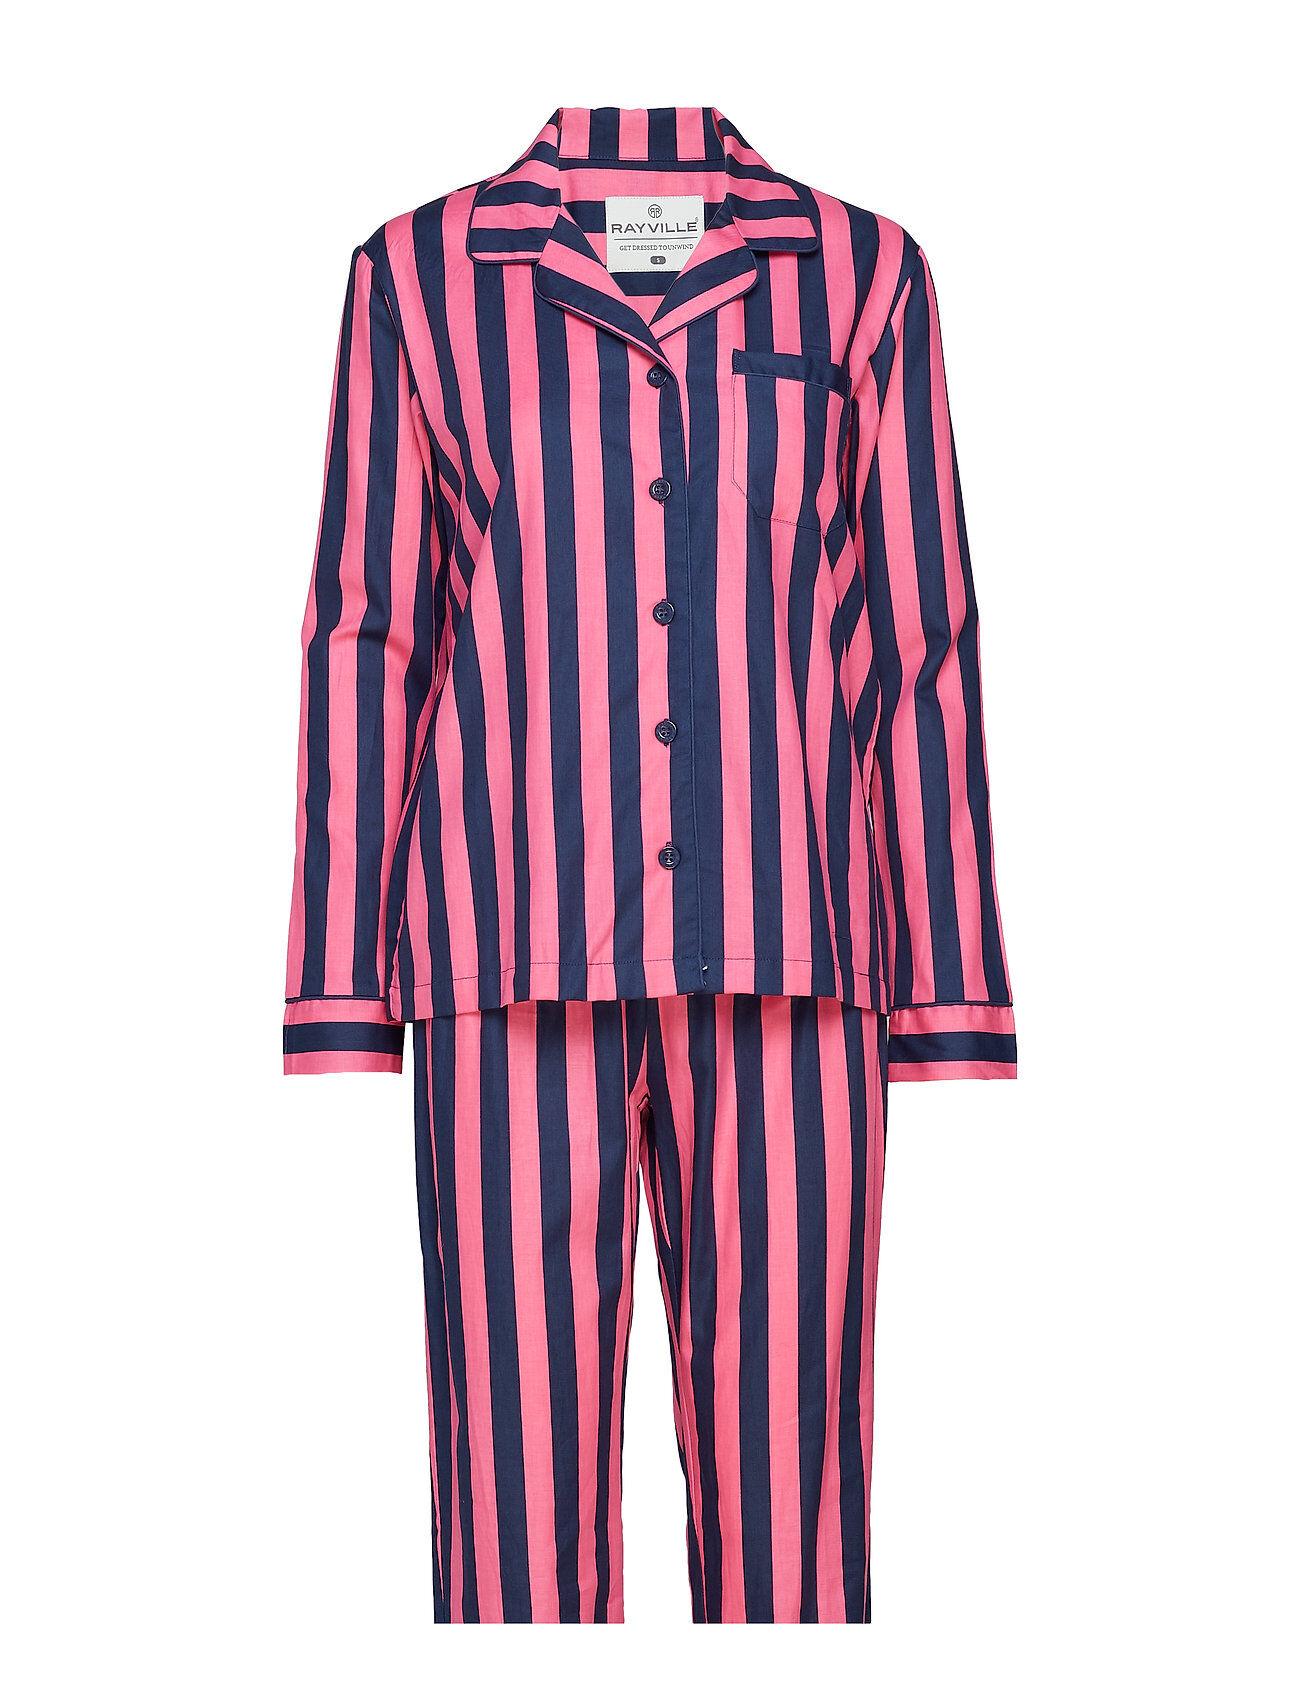 Rayville Debbie Pyjamas Line Stripe